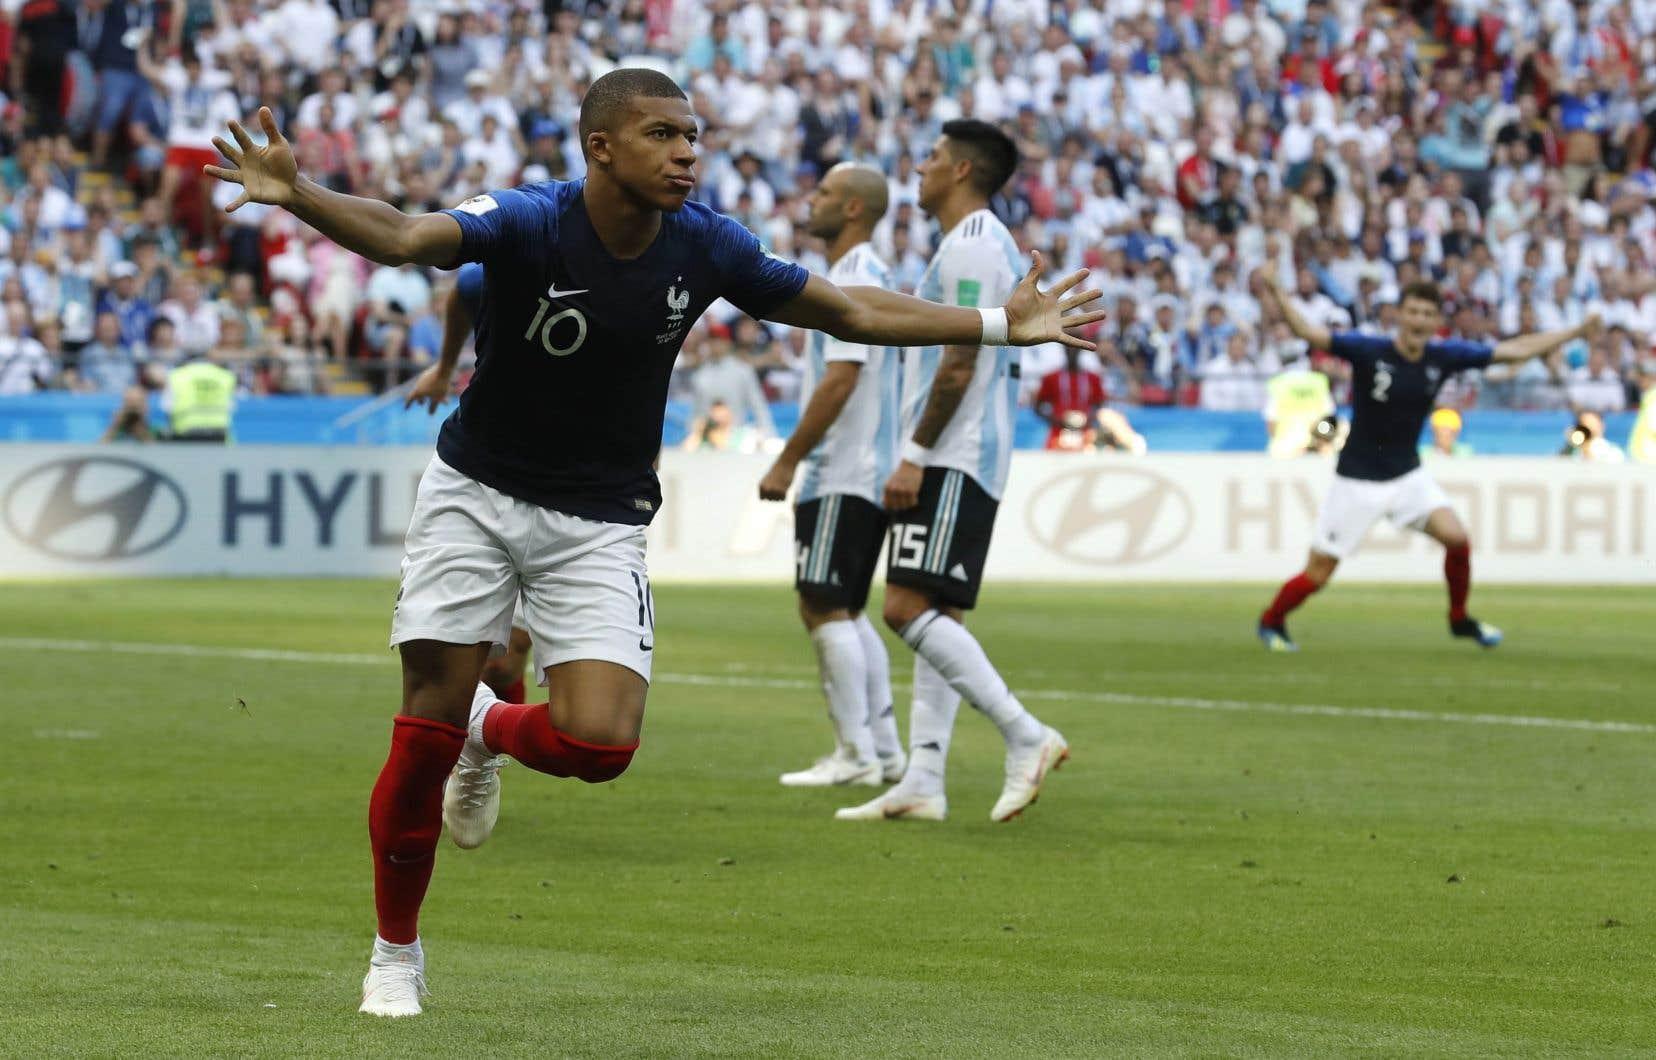 L'attaquant vedette français Kylian Mbappé célèbre après avoir marqué contre l'Argentine, samedi.